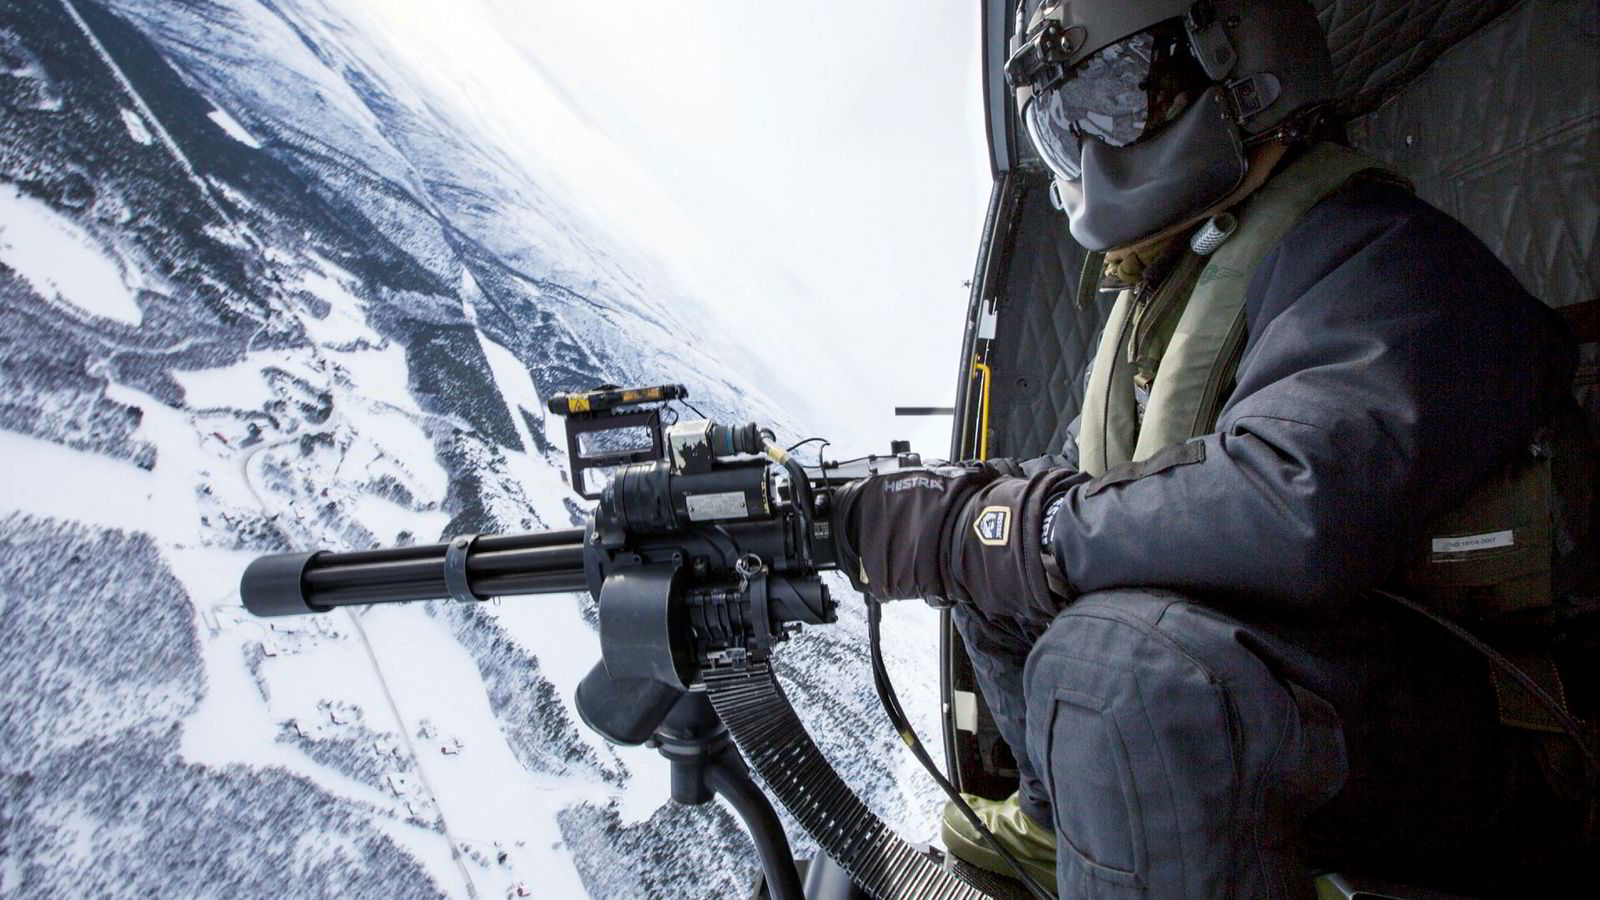 Forsvarsdebattanter snakker både om begrenset militær aktivitet i Finnmark, samtidig som landmaktutredningen argumenterer for økt tilstedeværelse i Finnmark. Her fra en vinterøvelse i Finnmark.